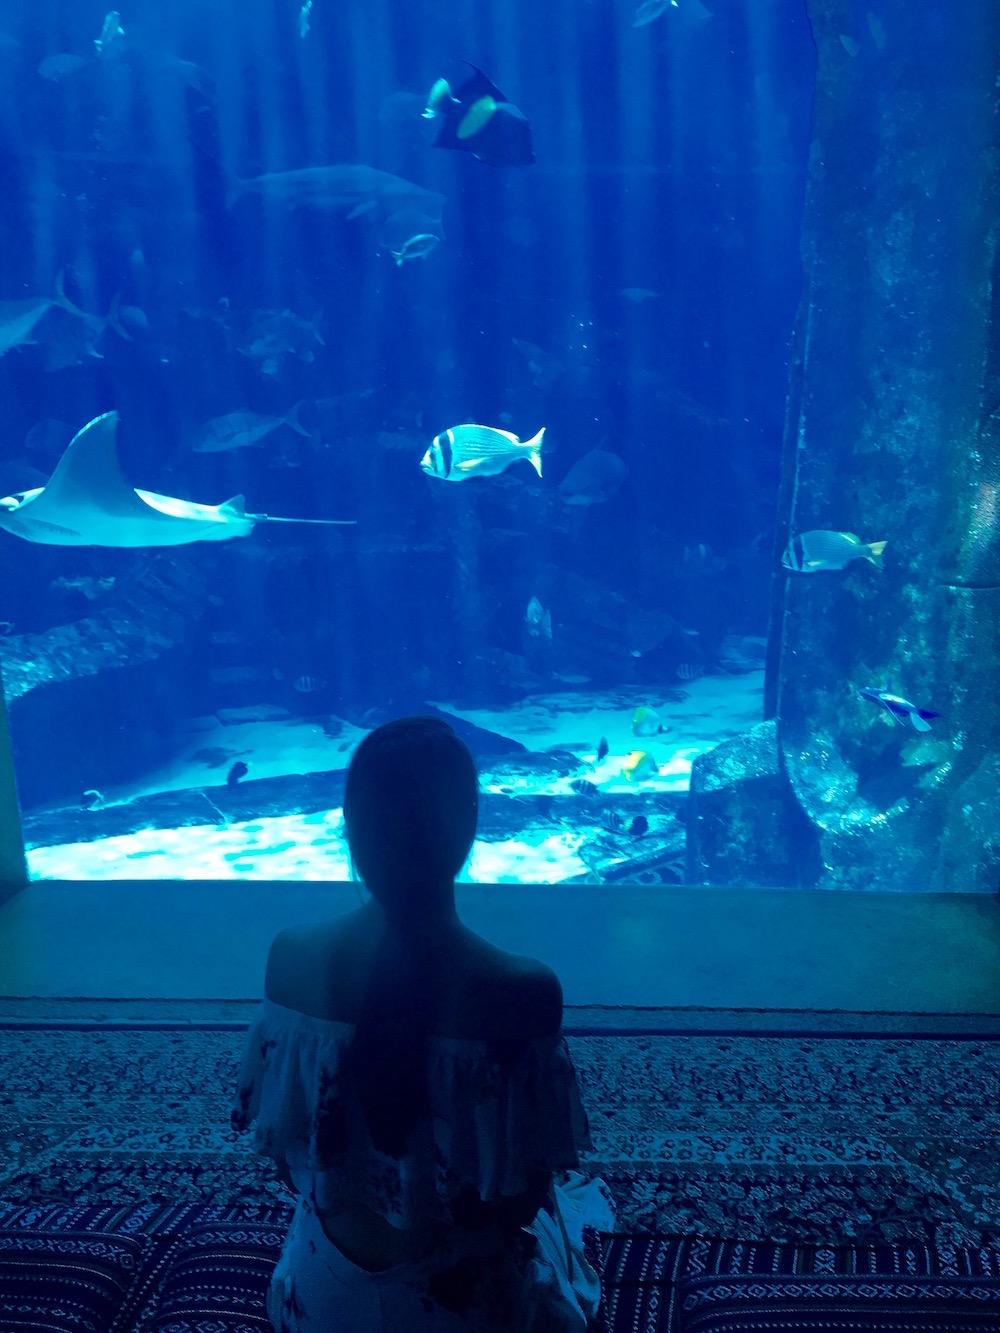 peexo travel blogger dubai aquarium